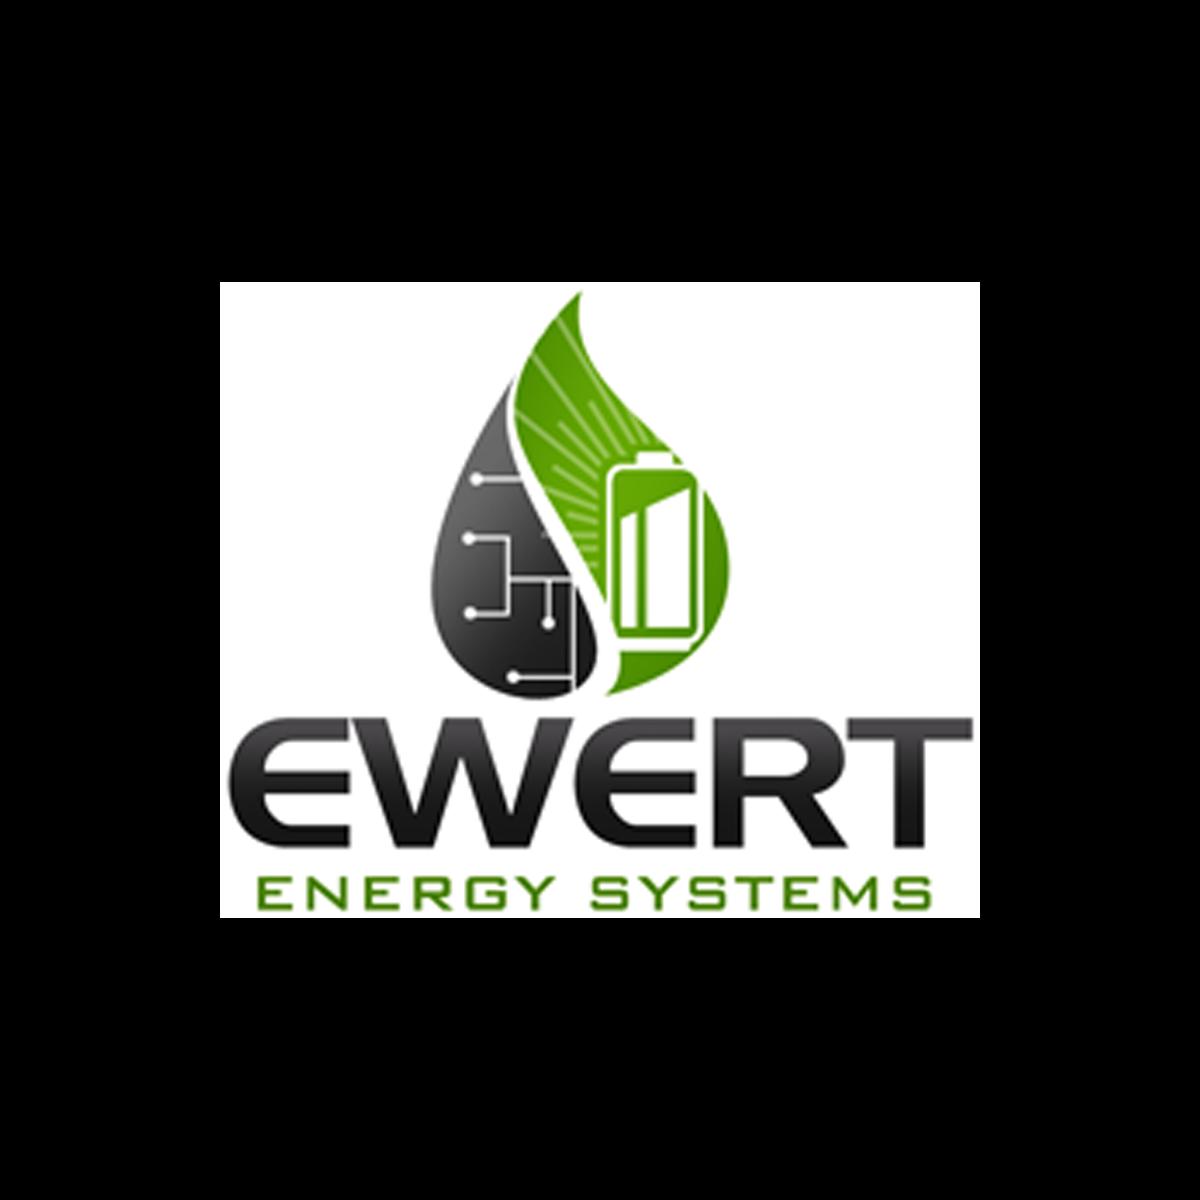 Ewert logo